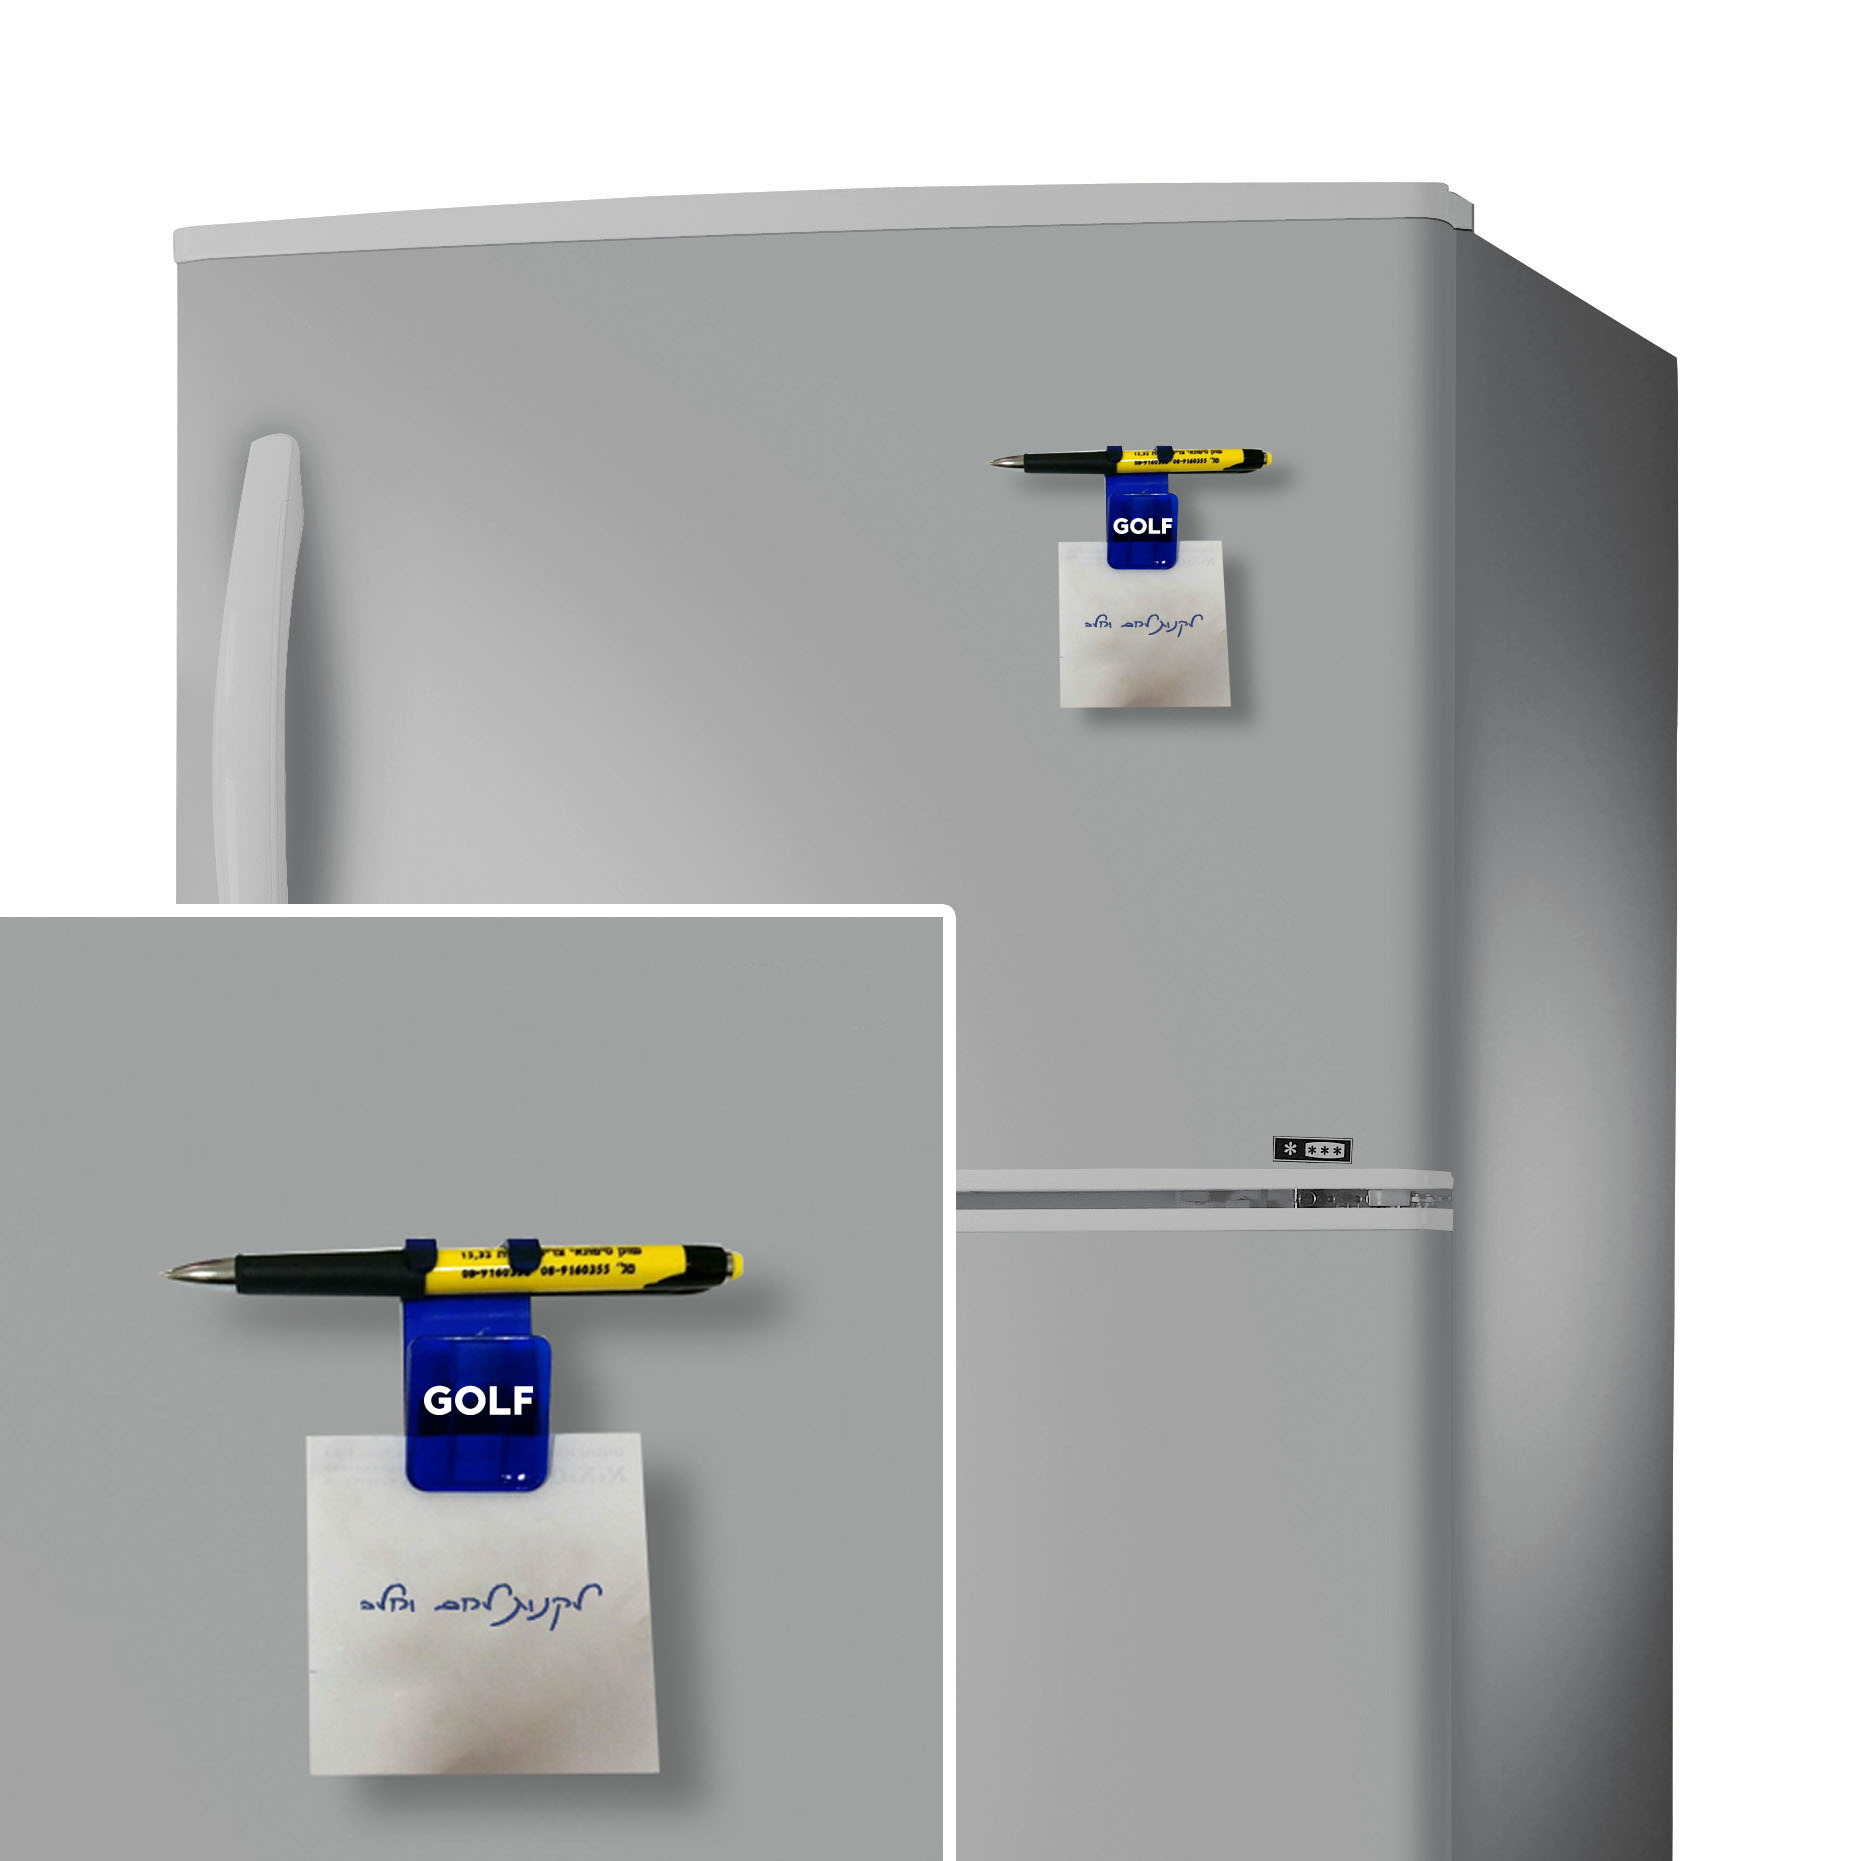 עט קליפס מגנטי | מתקן עט מגנט למקרר